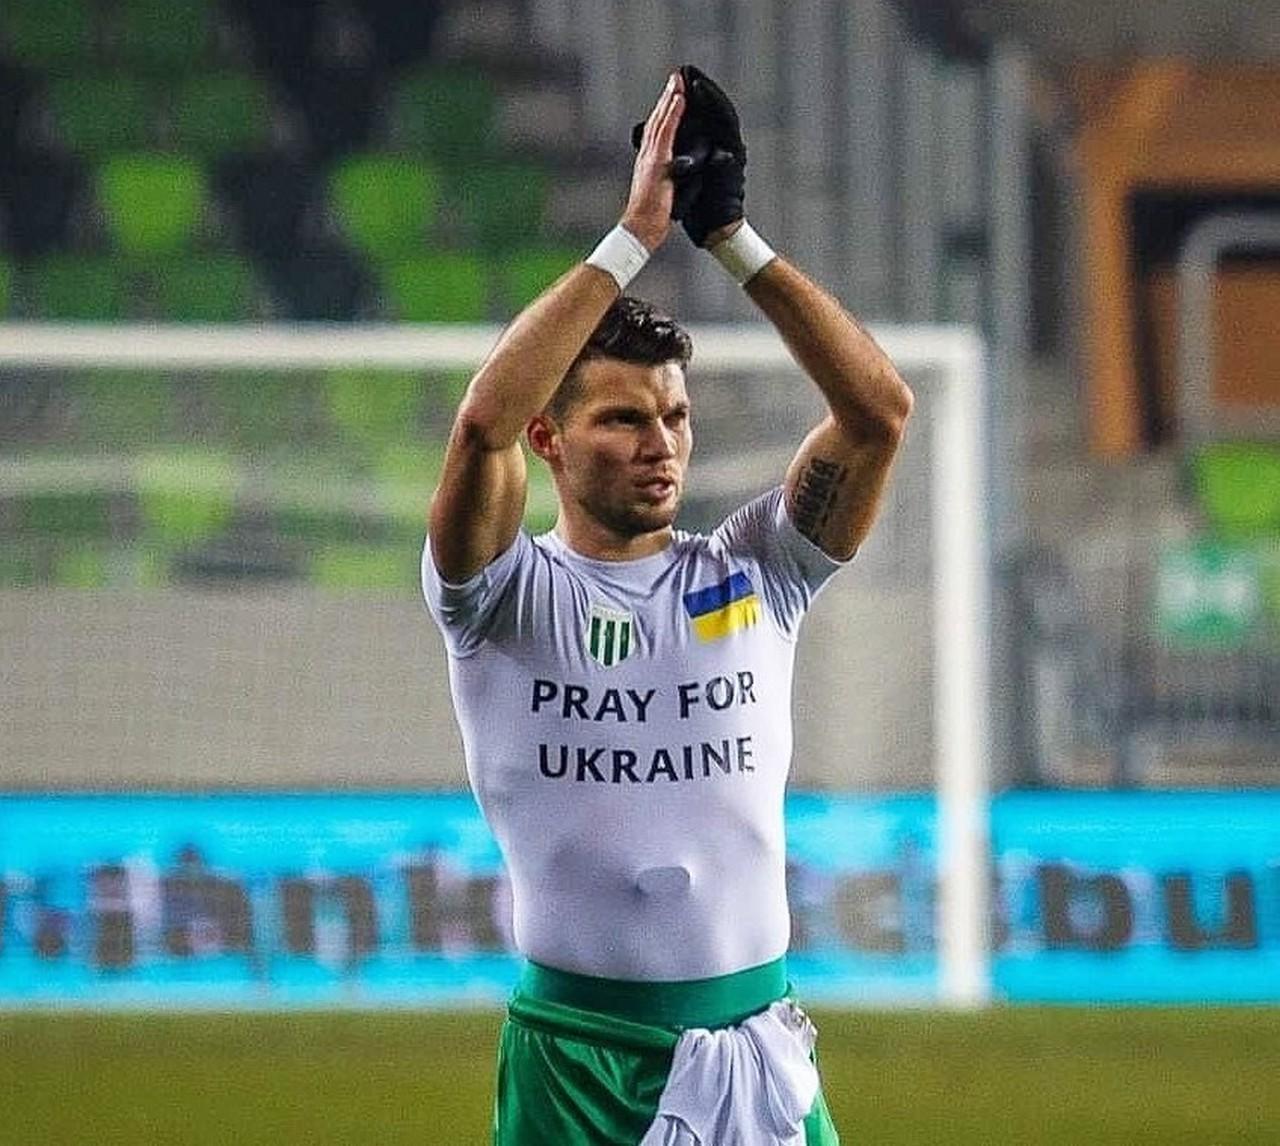 Українець Юрій Габовда, який грає за Халадаш, забив м'яч у чемпіонаті Угорщини і одягнув патріотичну футболку. Його можуть оштрафувати